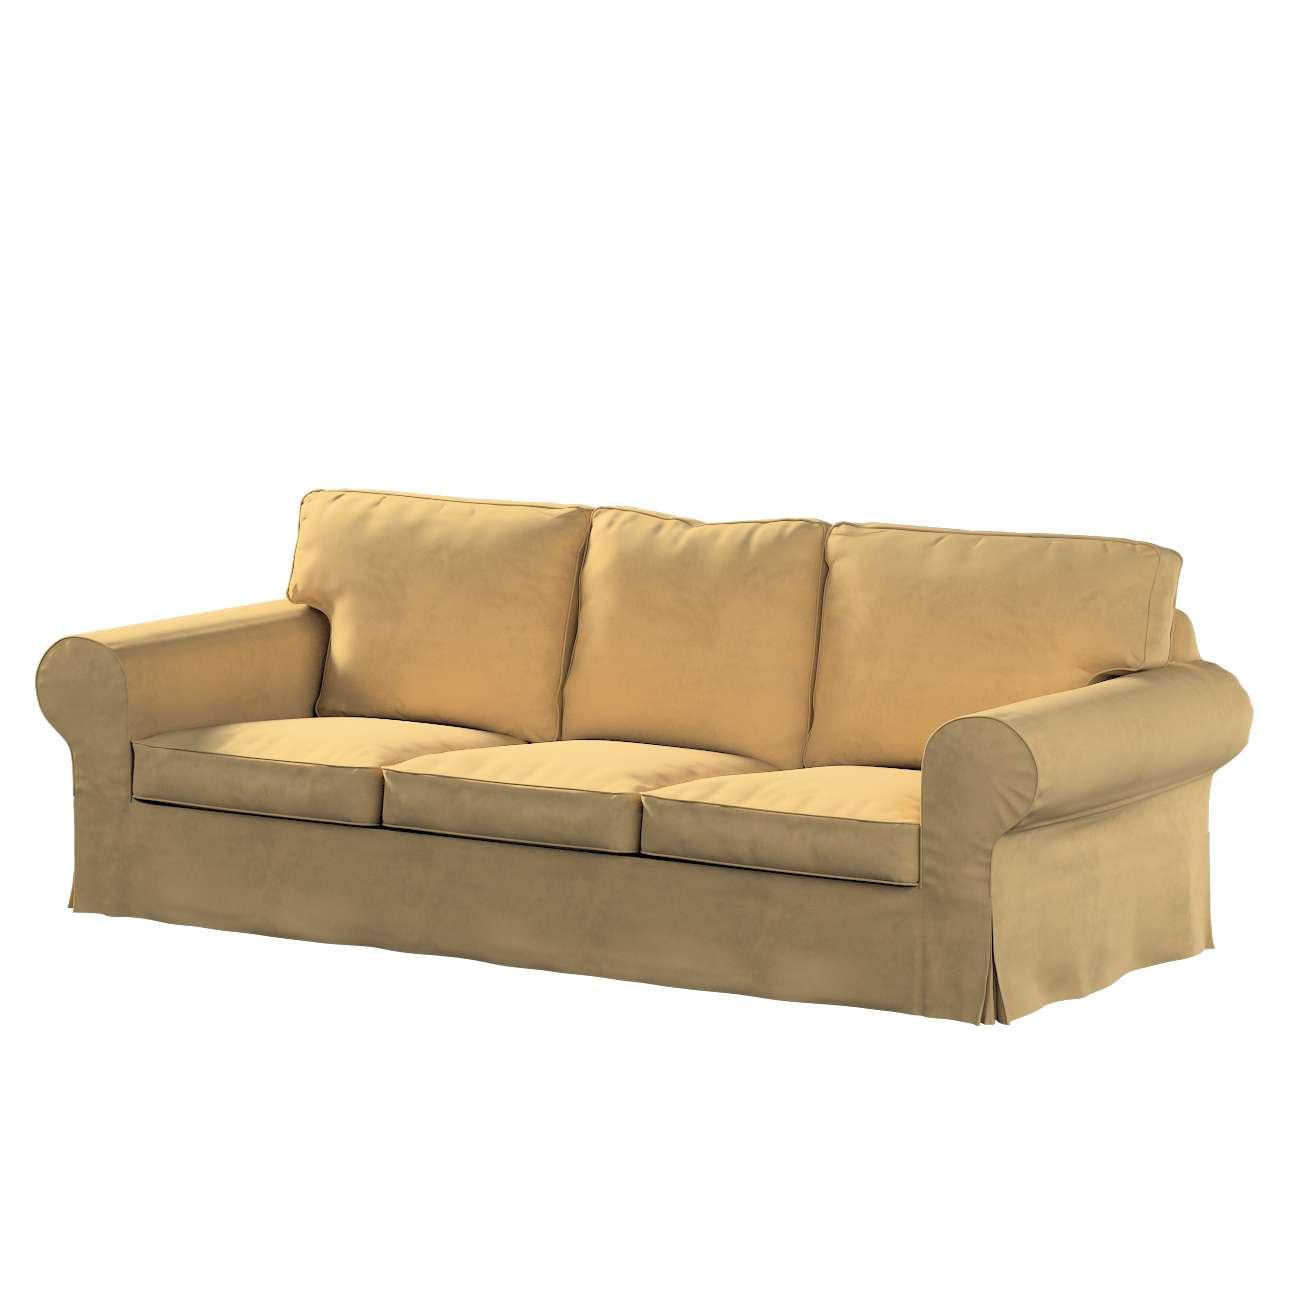 Pokrowiec na sofę Ektorp 3-osobową, rozkładaną w kolekcji Living II, tkanina: 160-93